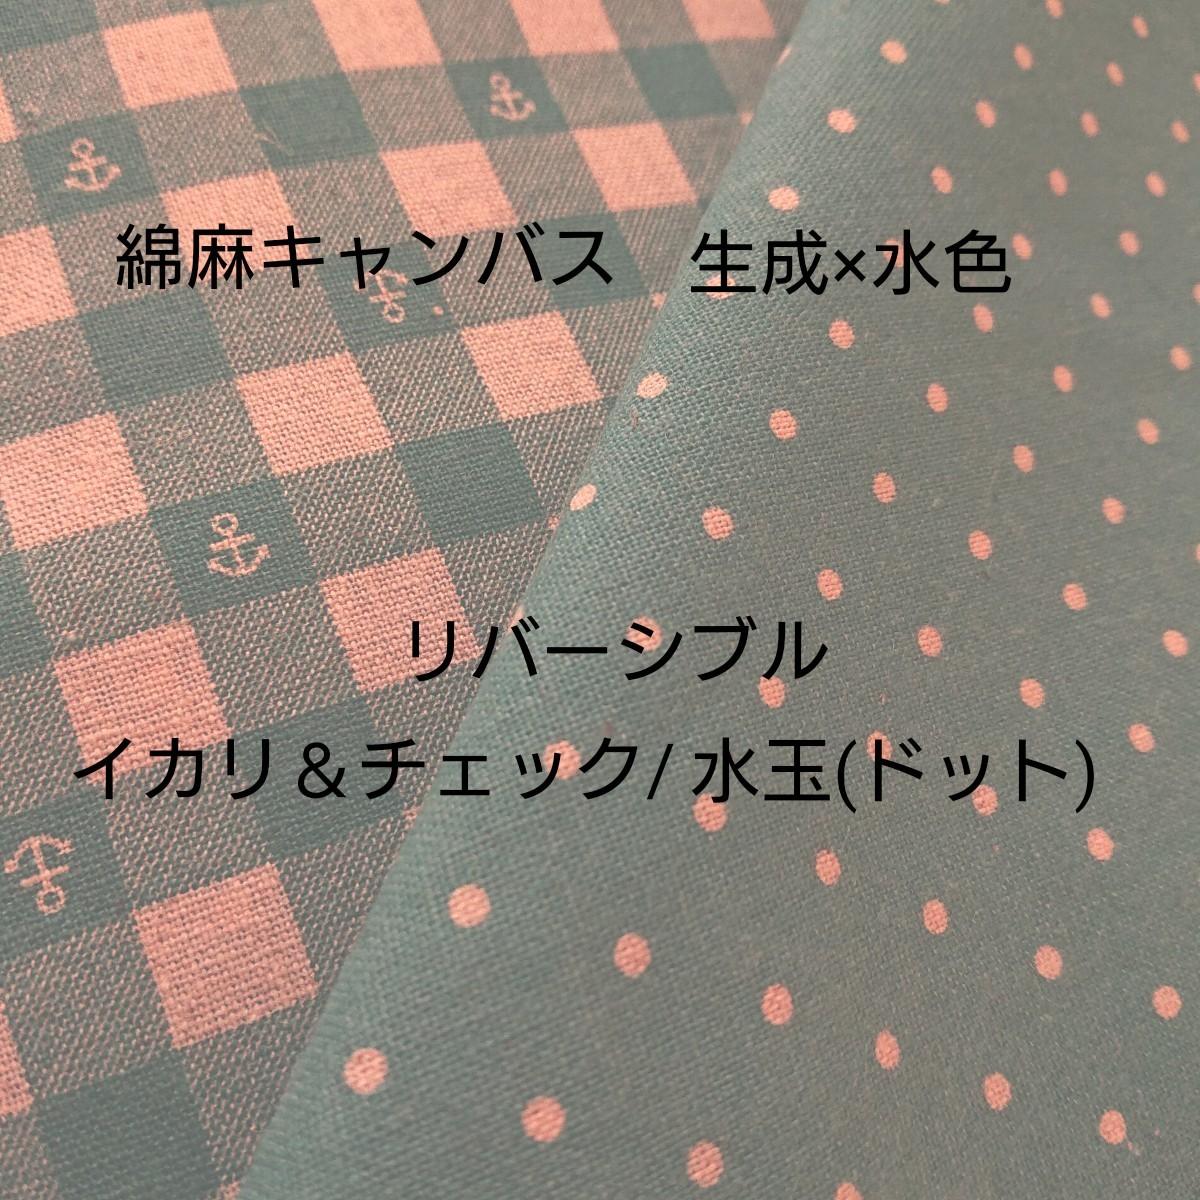 綿麻キャンバス リバーシブル(イカリ&チェック/水玉)